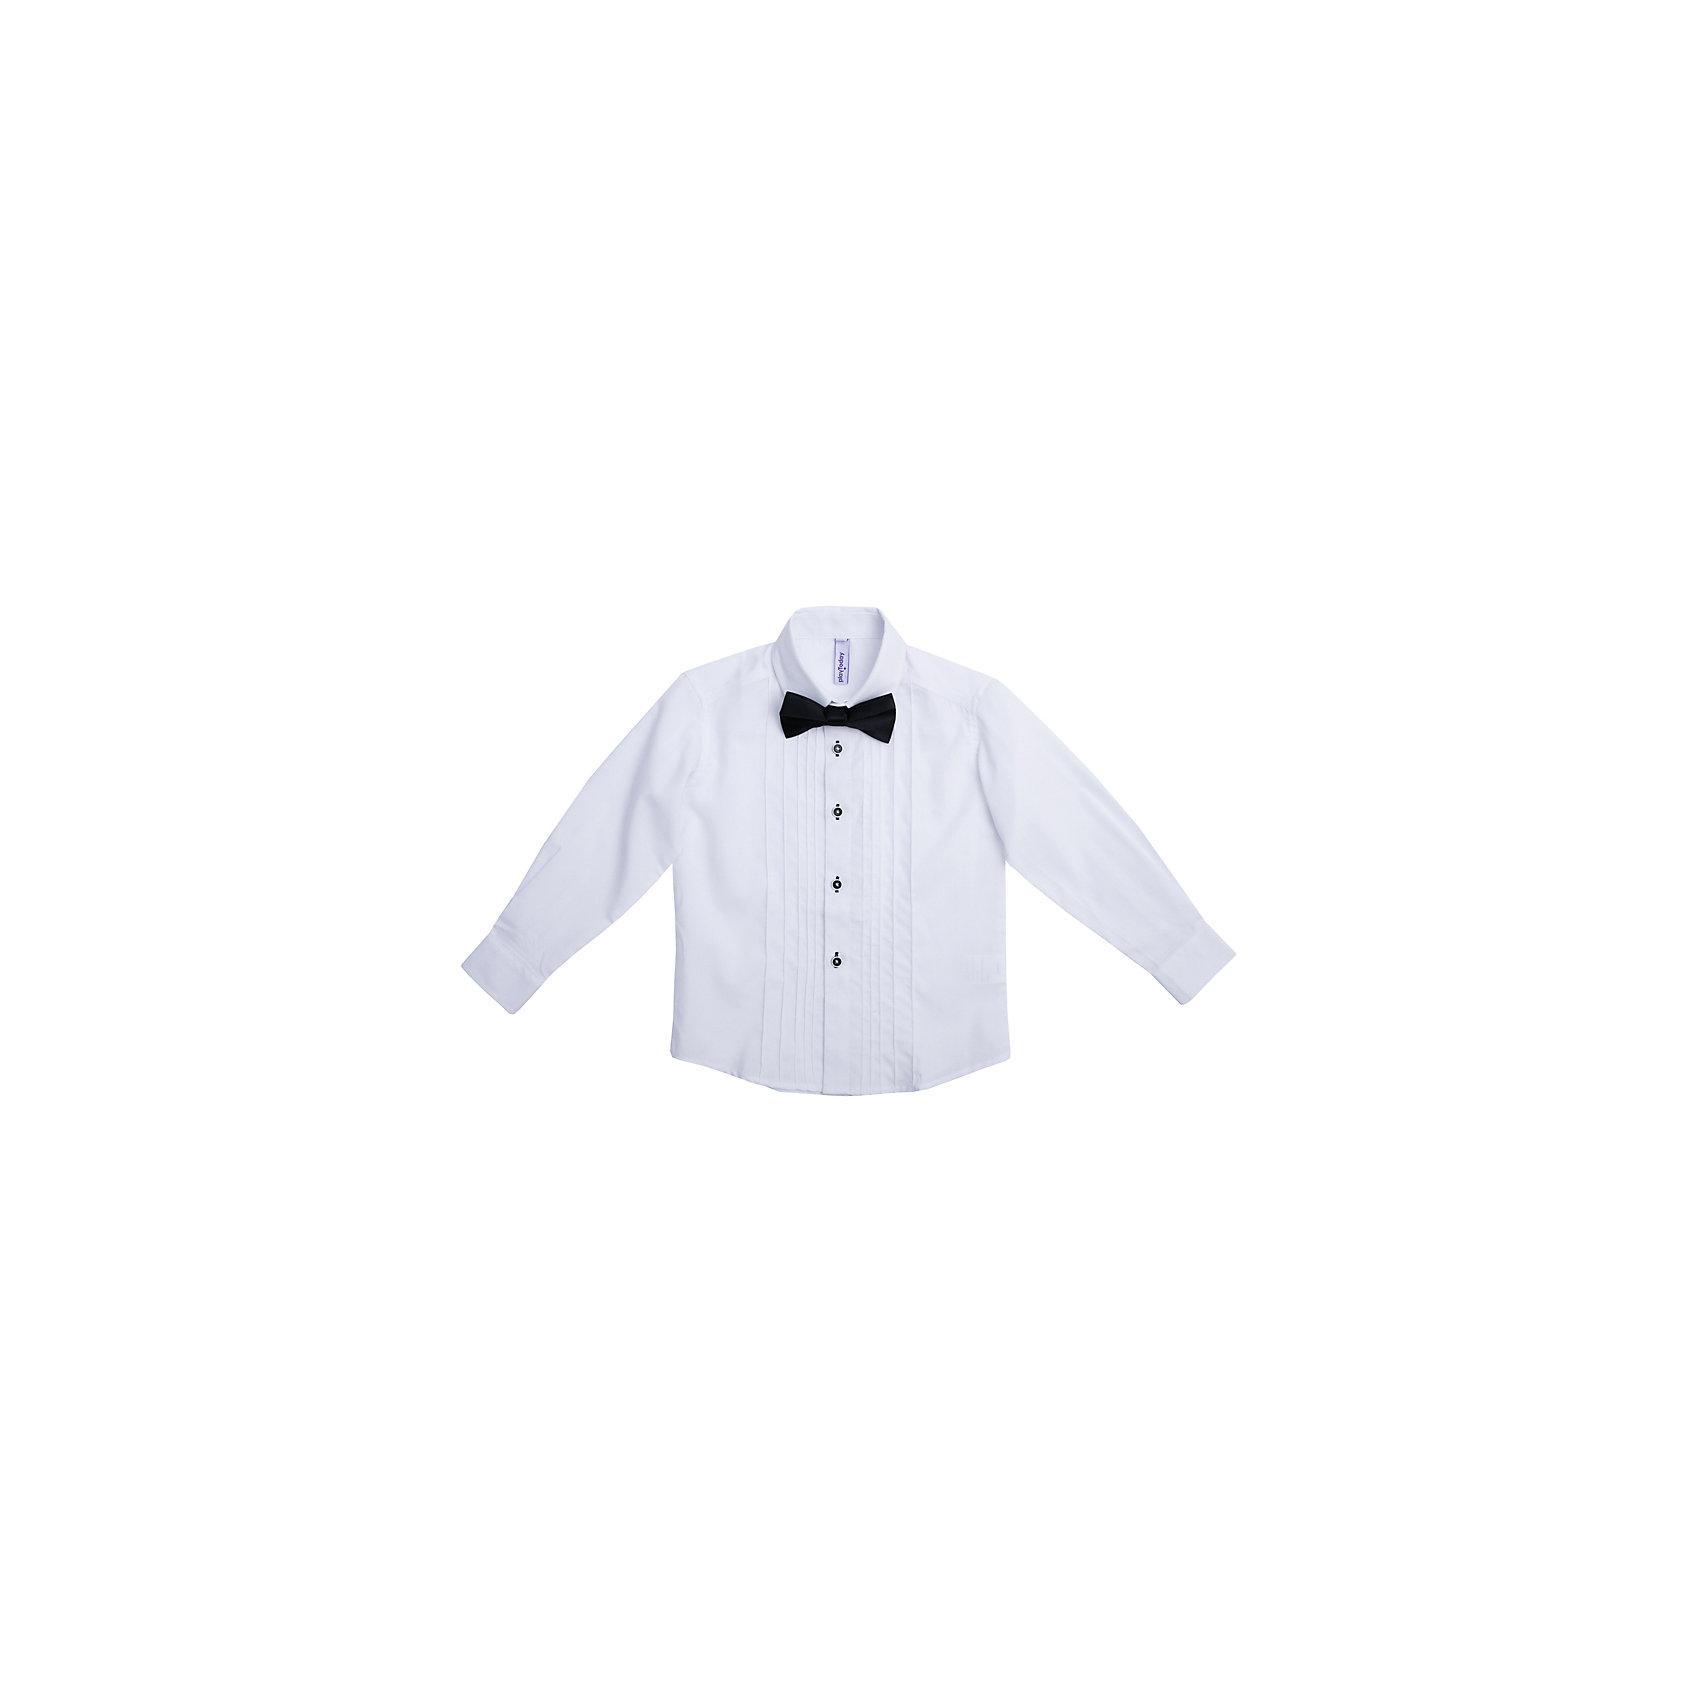 Рубашка для мальчика PlayTodayРубашка для мальчика от известного бренда PlayToday.<br>Нарядная белая сорочка.<br><br>Классическая модель: отложной воротник, аккуратные рукава с усеченными углами, полупрозрачные пуговицы. Контрастная отделка петель придает оригинальности. <br><br>Сорочка украшена декоративными вертикальными швами по линии планки. Дополнена атласным галстуком-бабочкой.<br>Состав:<br>67% полиэстер, 30% хлопок, 3% эластан<br><br>Ширина мм: 174<br>Глубина мм: 10<br>Высота мм: 169<br>Вес г: 157<br>Цвет: синий<br>Возраст от месяцев: 36<br>Возраст до месяцев: 48<br>Пол: Мужской<br>Возраст: Детский<br>Размер: 104,98,122,116,110,128<br>SKU: 5113941